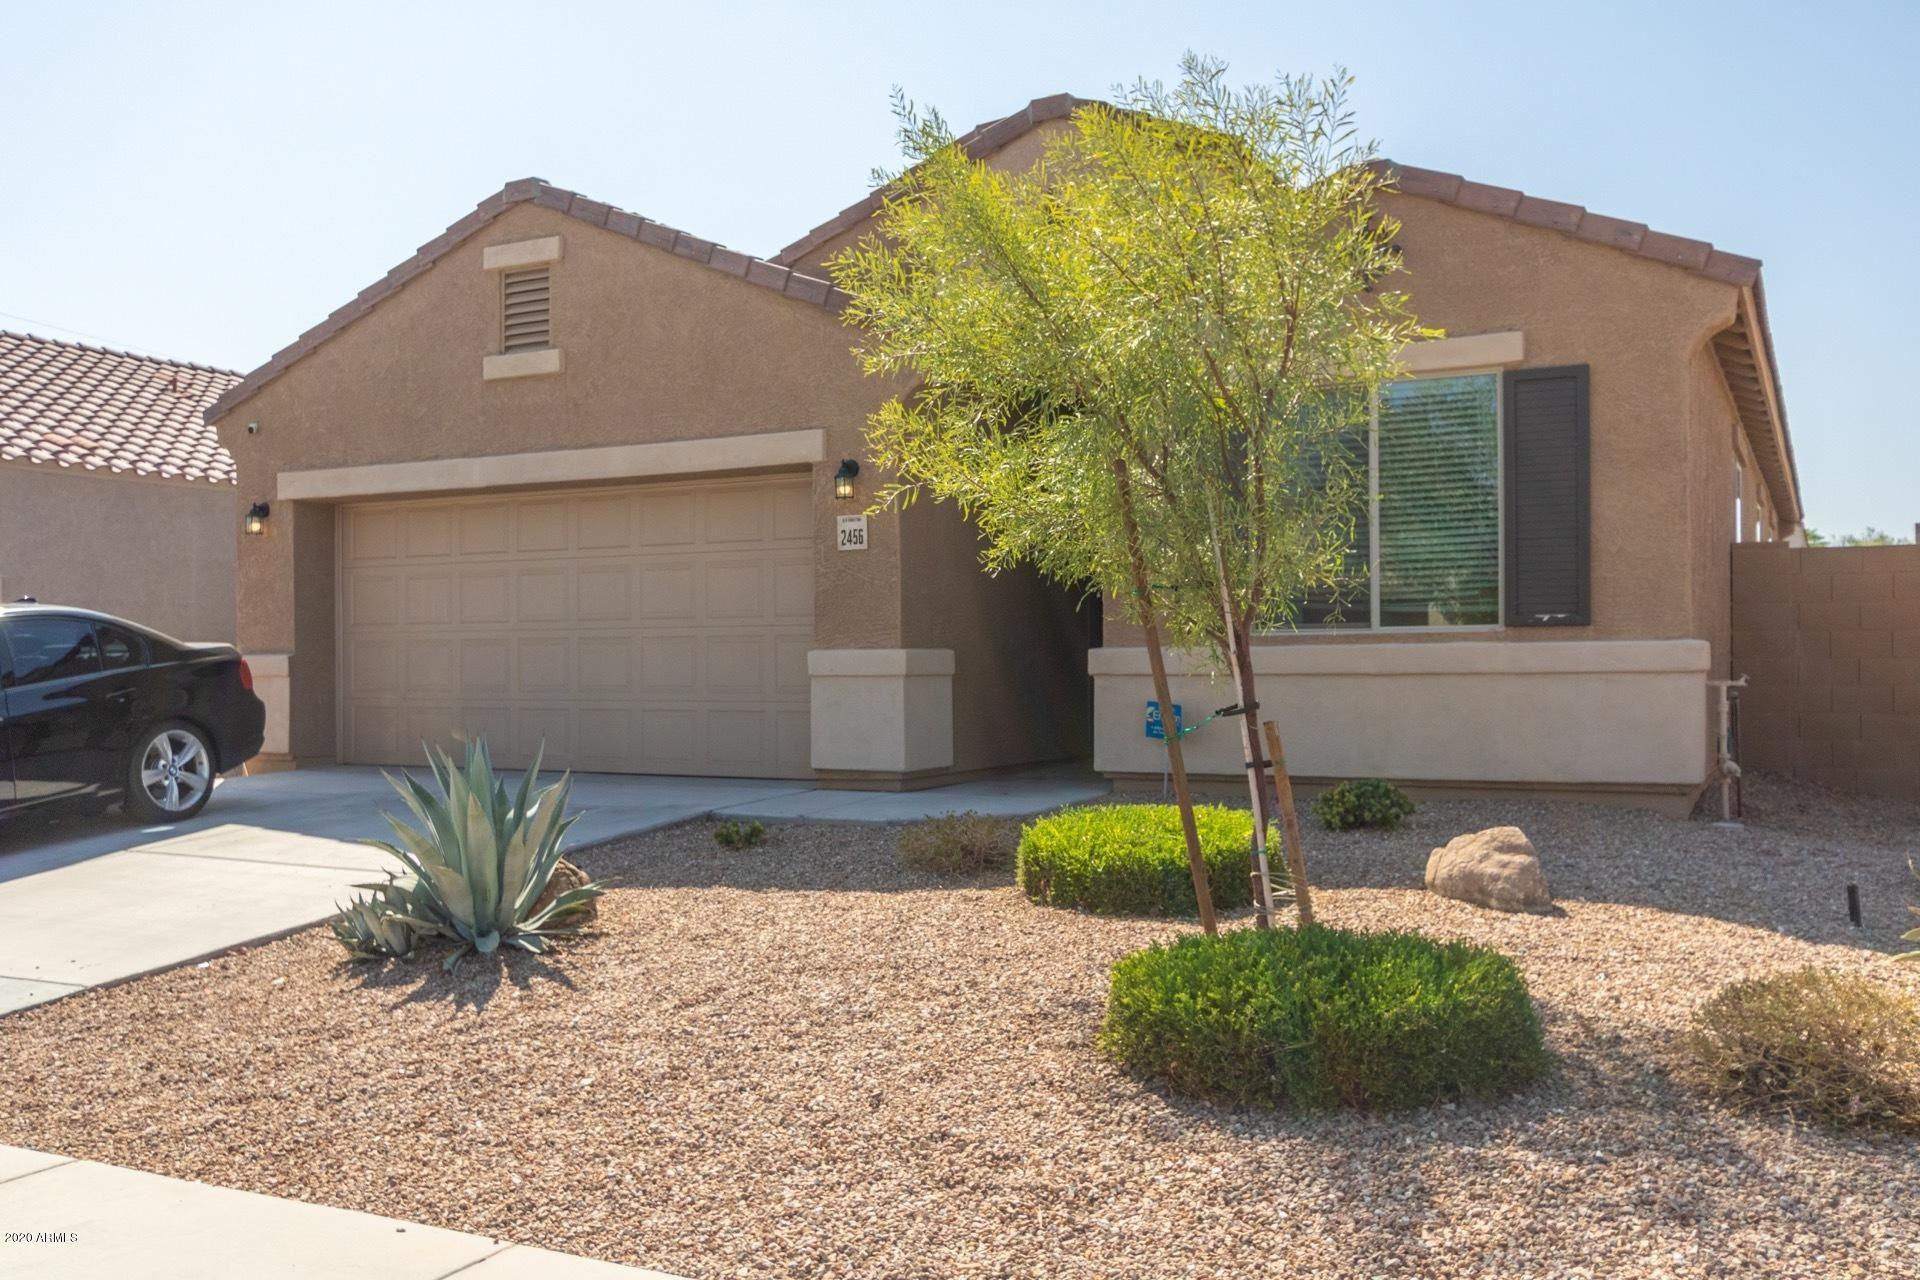 2456 S 235TH Drive, Buckeye, AZ 85326 - MLS#: 6137326